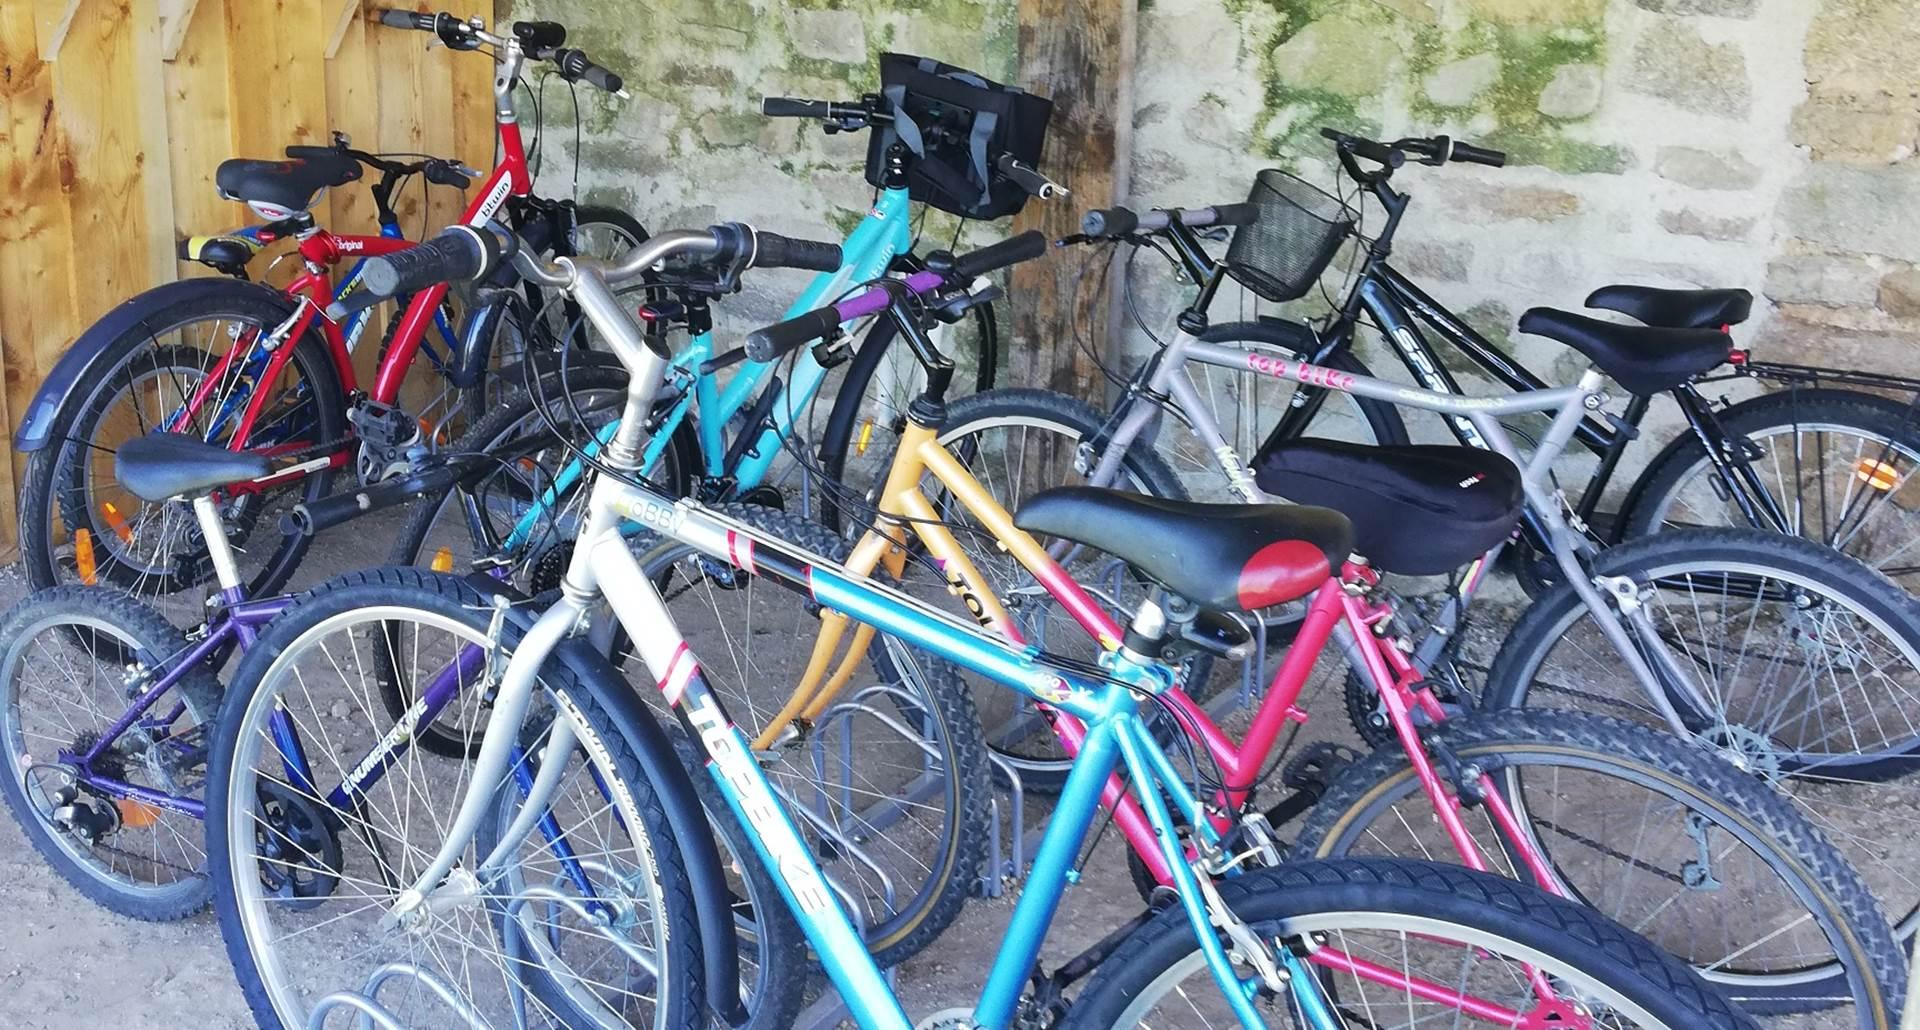 vélos réservés aux locataires du gîte